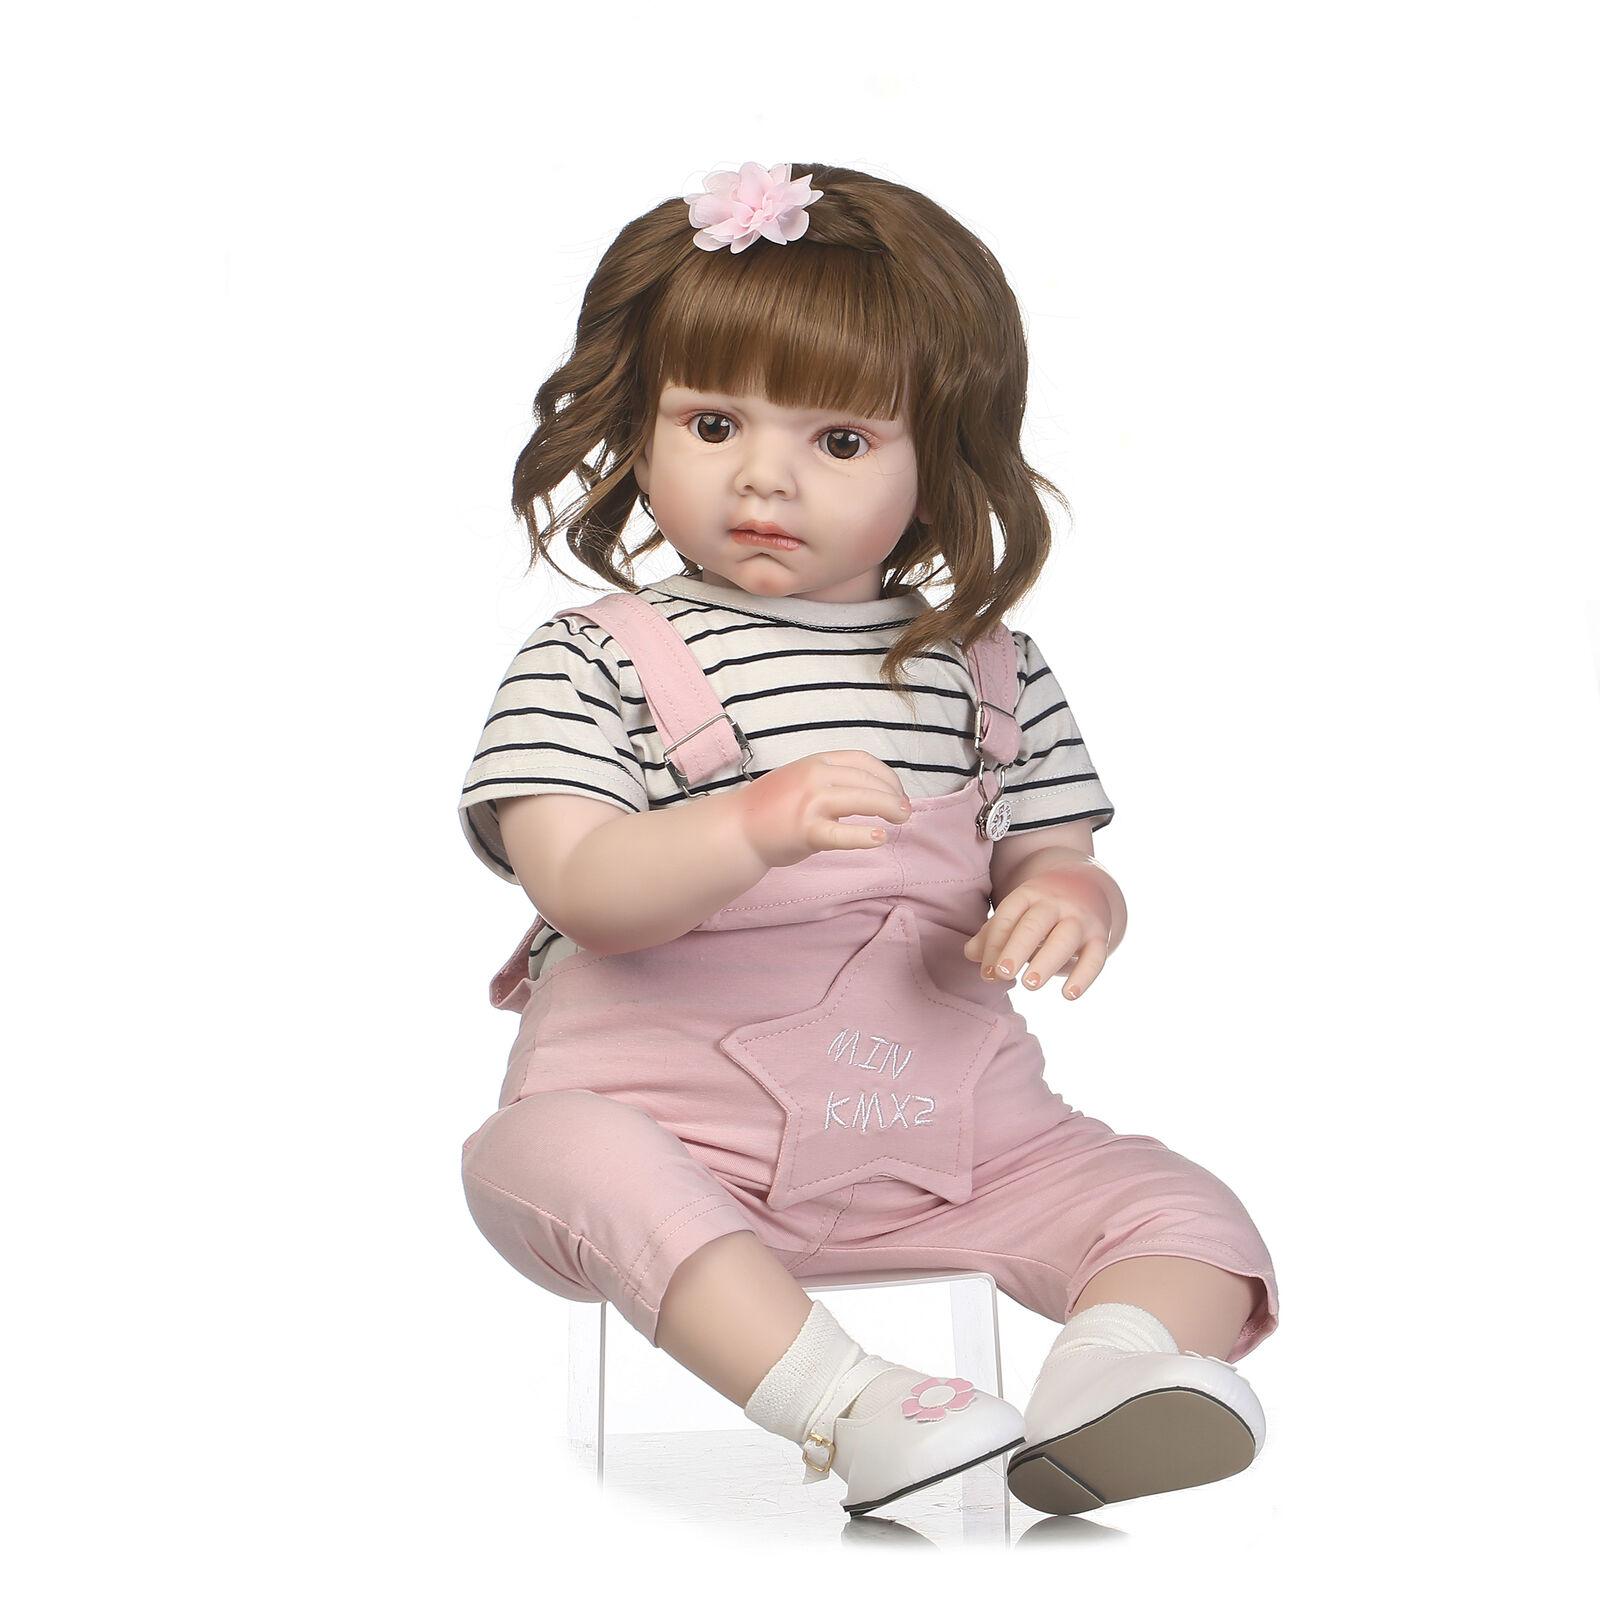 28  Muñeca Reborn Bebé niñas niño suave Viny realista Juguetes Infantiles Regalo hecho a mano